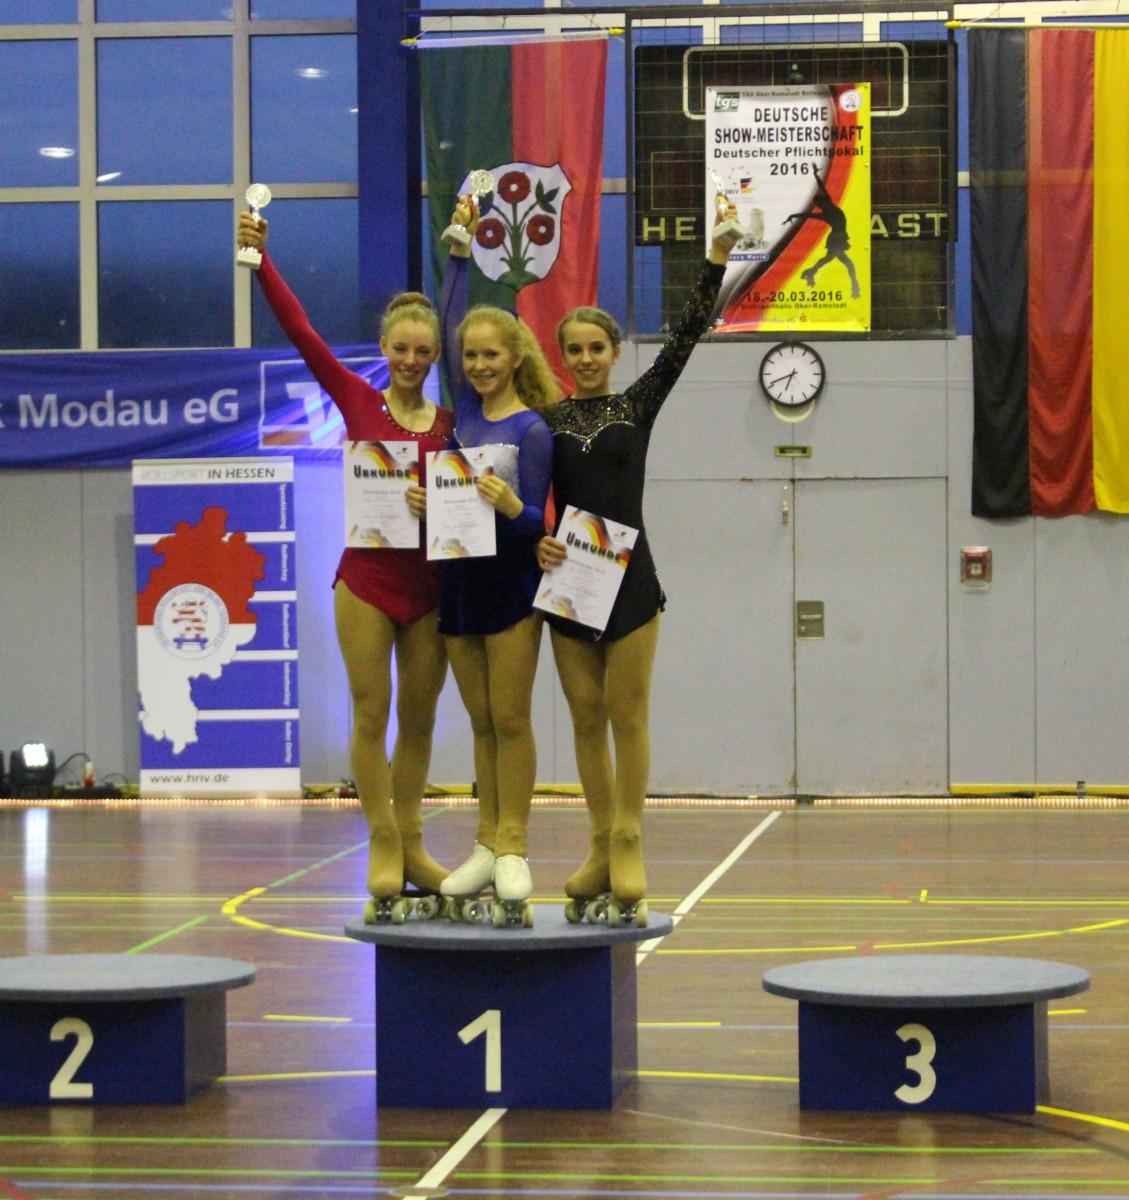 Deutscher Pflichtpokal: 1x Gold und 2x Bronze